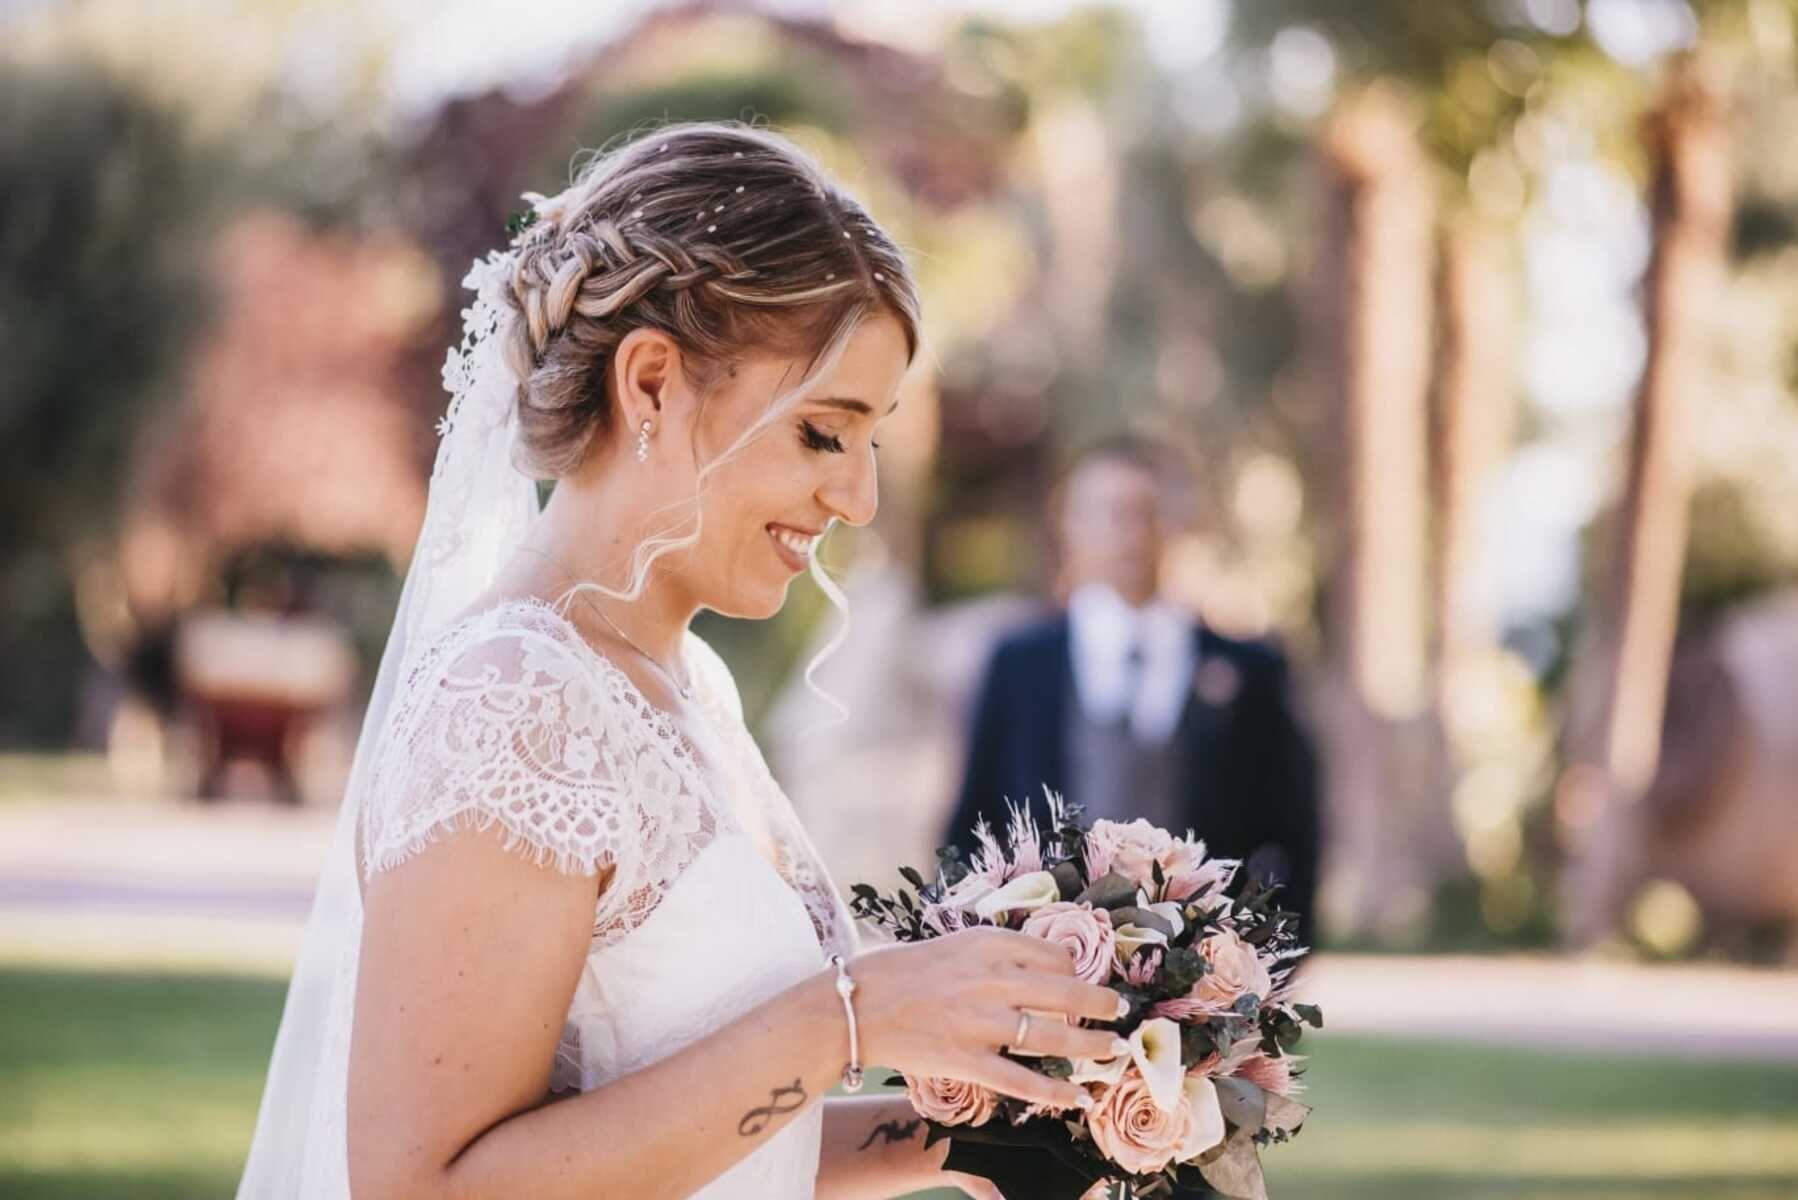 Peluquería especializada en novias en Alcorcón